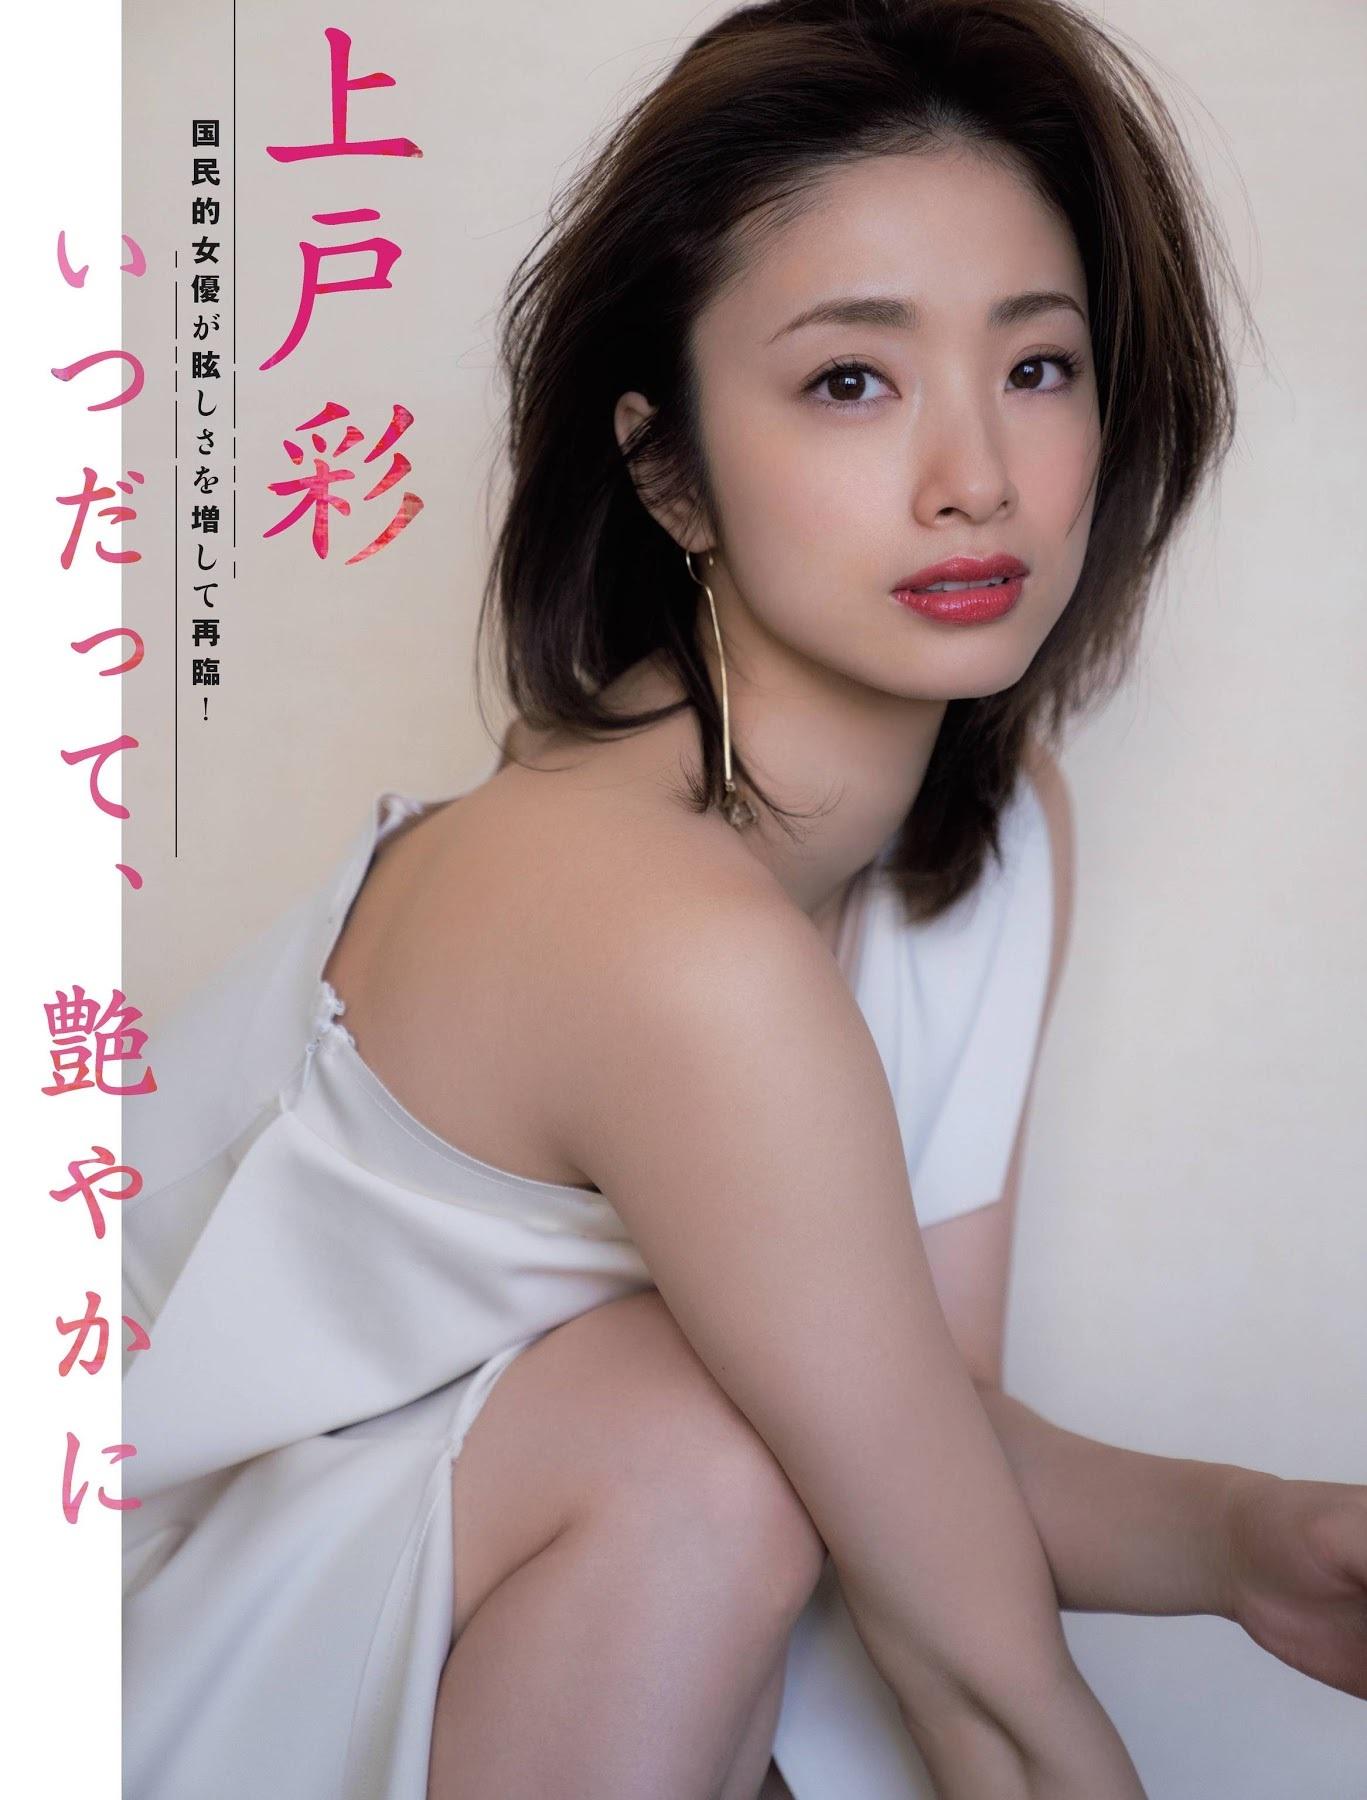 上戸彩67